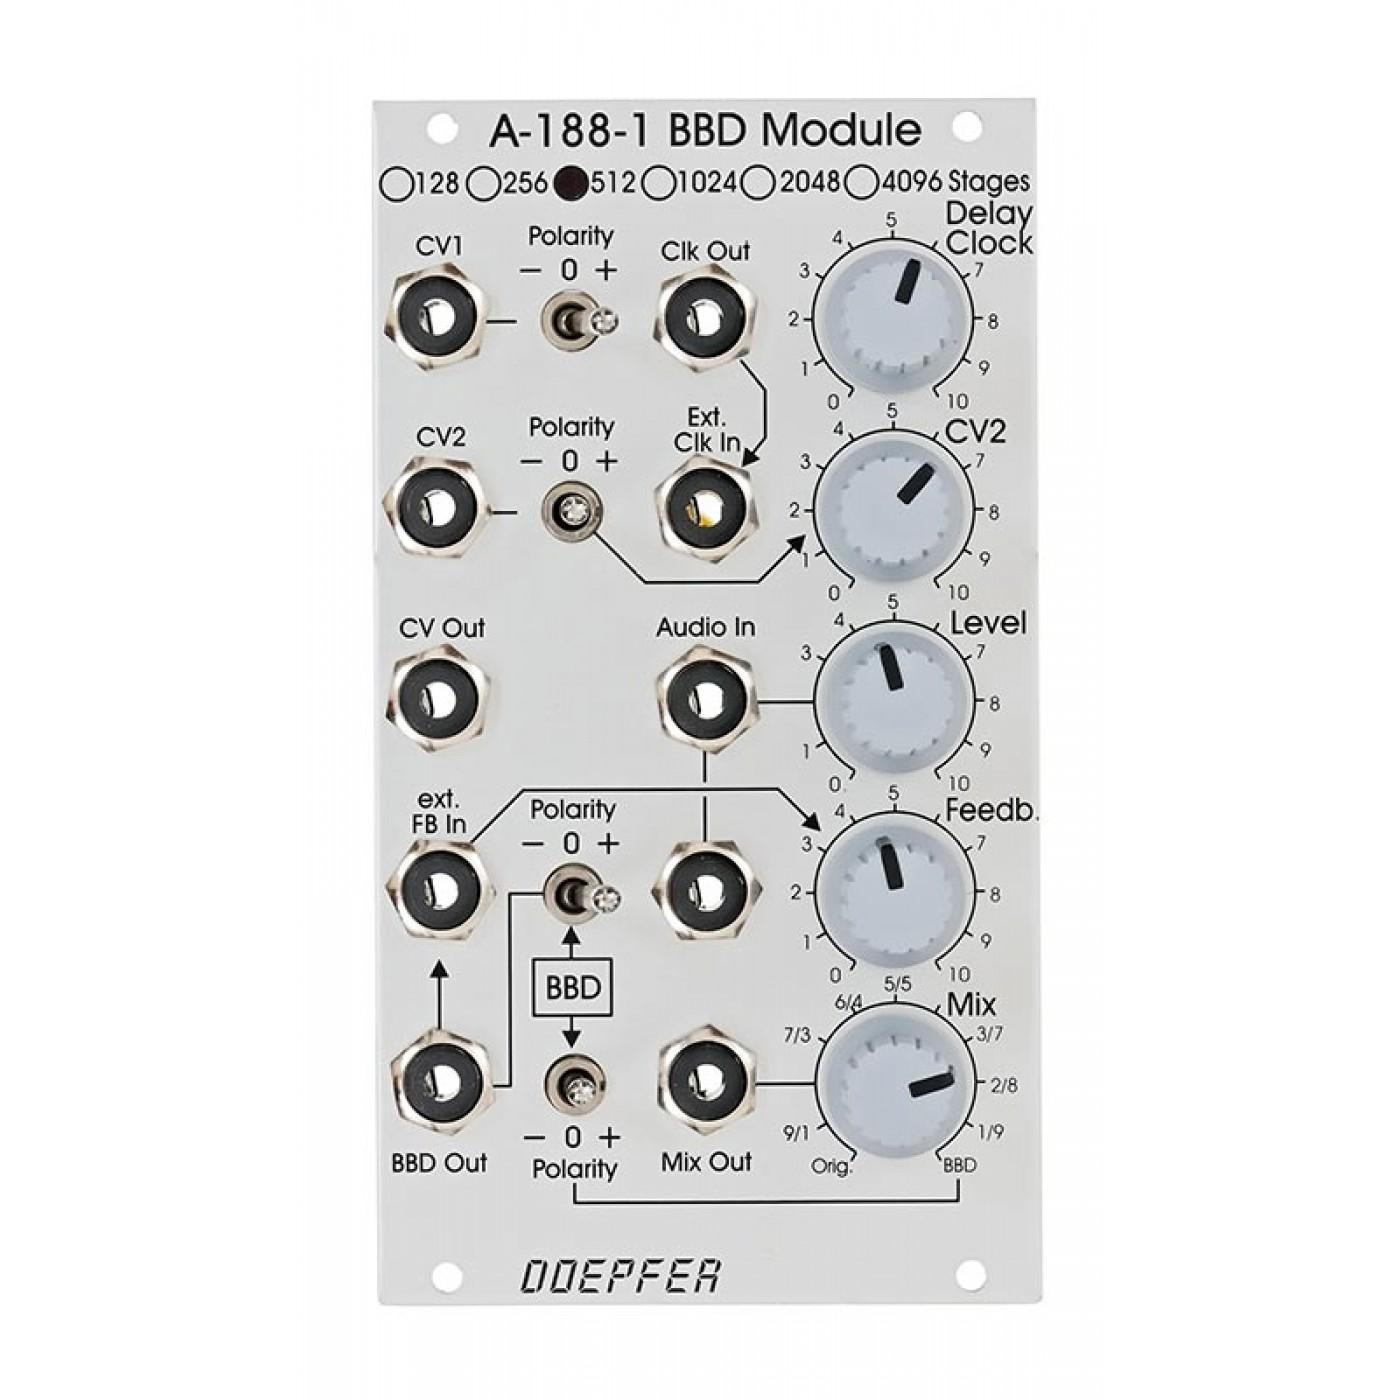 Doepfer A-188-1A BBD 512 Stages